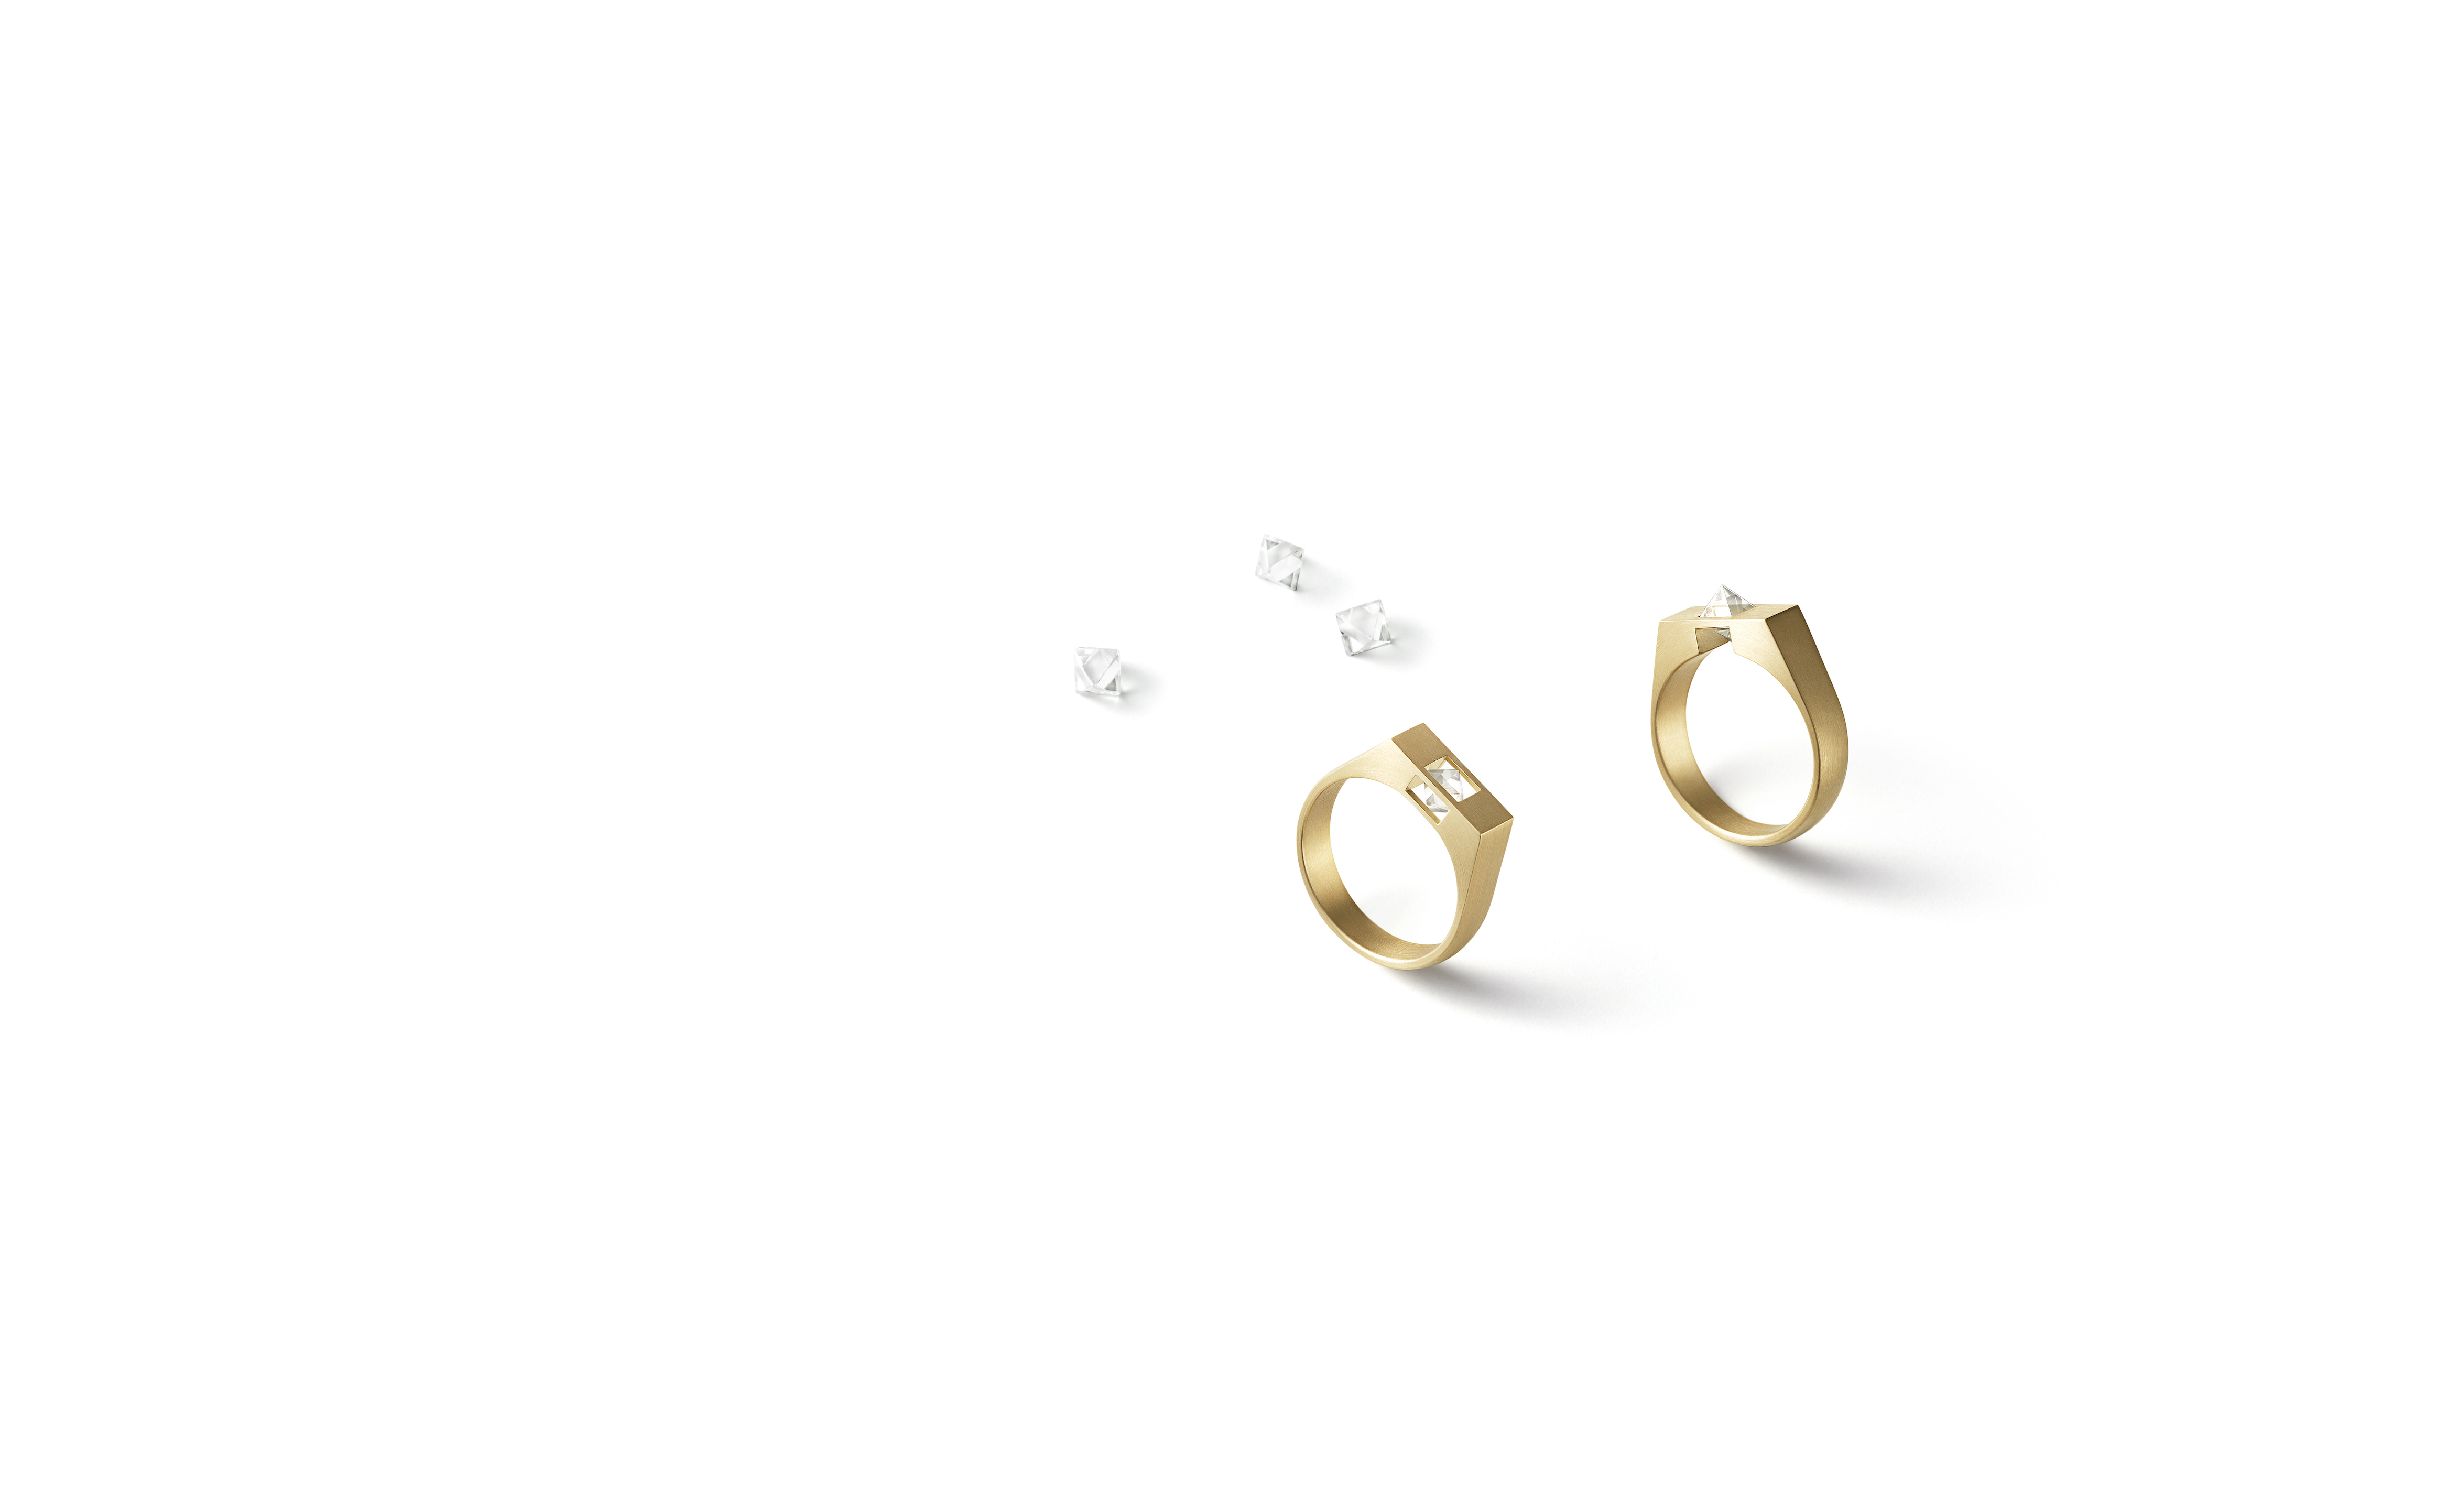 SHIHARA、ラフダイヤモンド使用「Un-Signet」コレクション発売